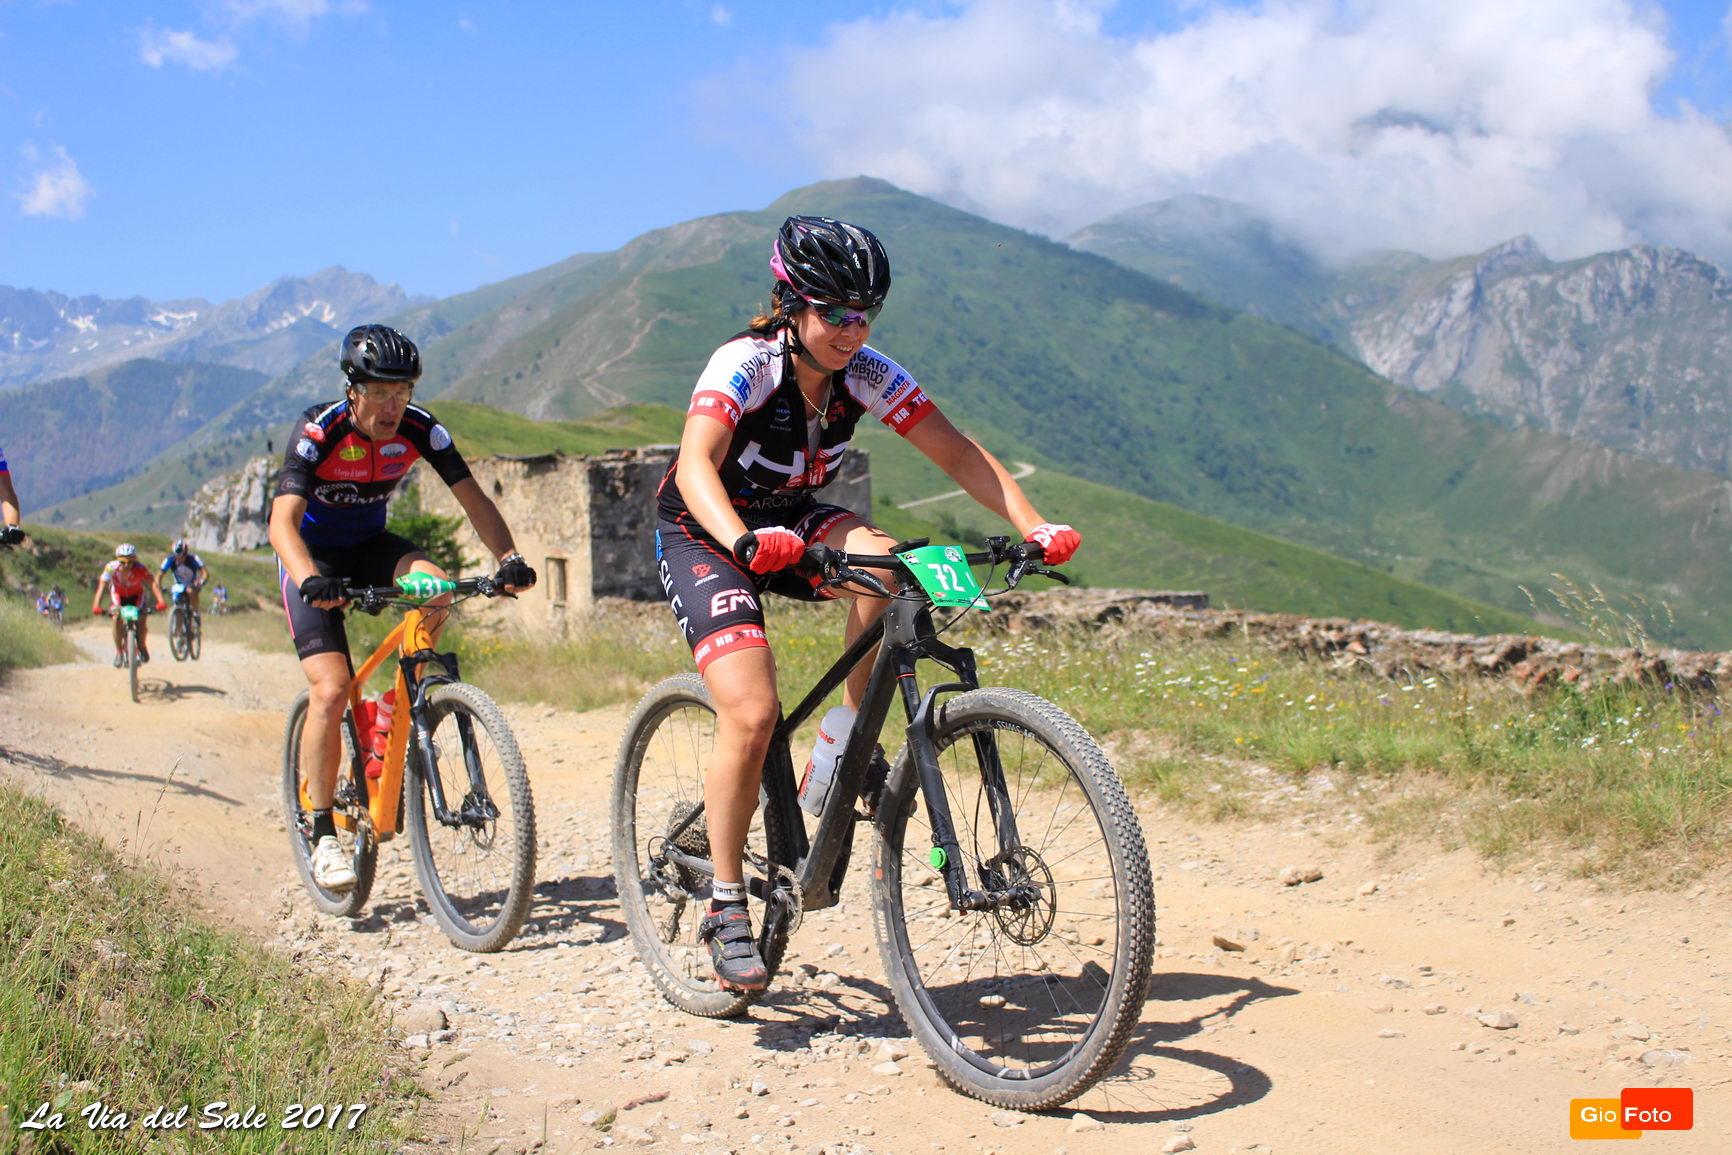 Competition on E-bike, Limone Piemonte